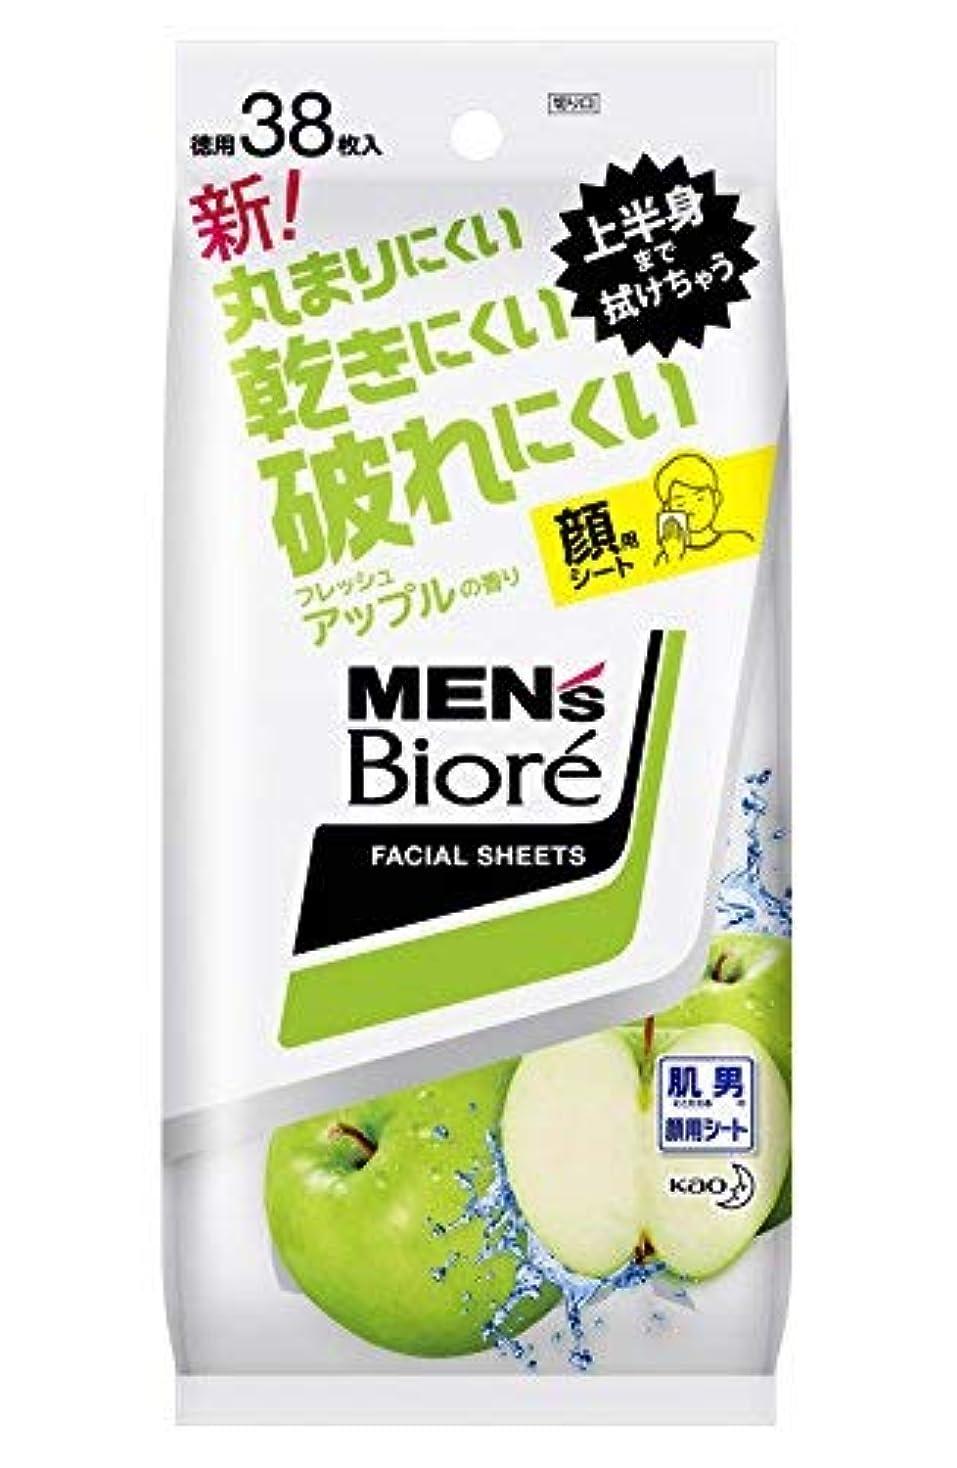 ベッドを作るかもしれないグラマー花王 メンズビオレ 洗顔シート フレッシュアップルの香り 卓上用 38枚入 × 3個セット